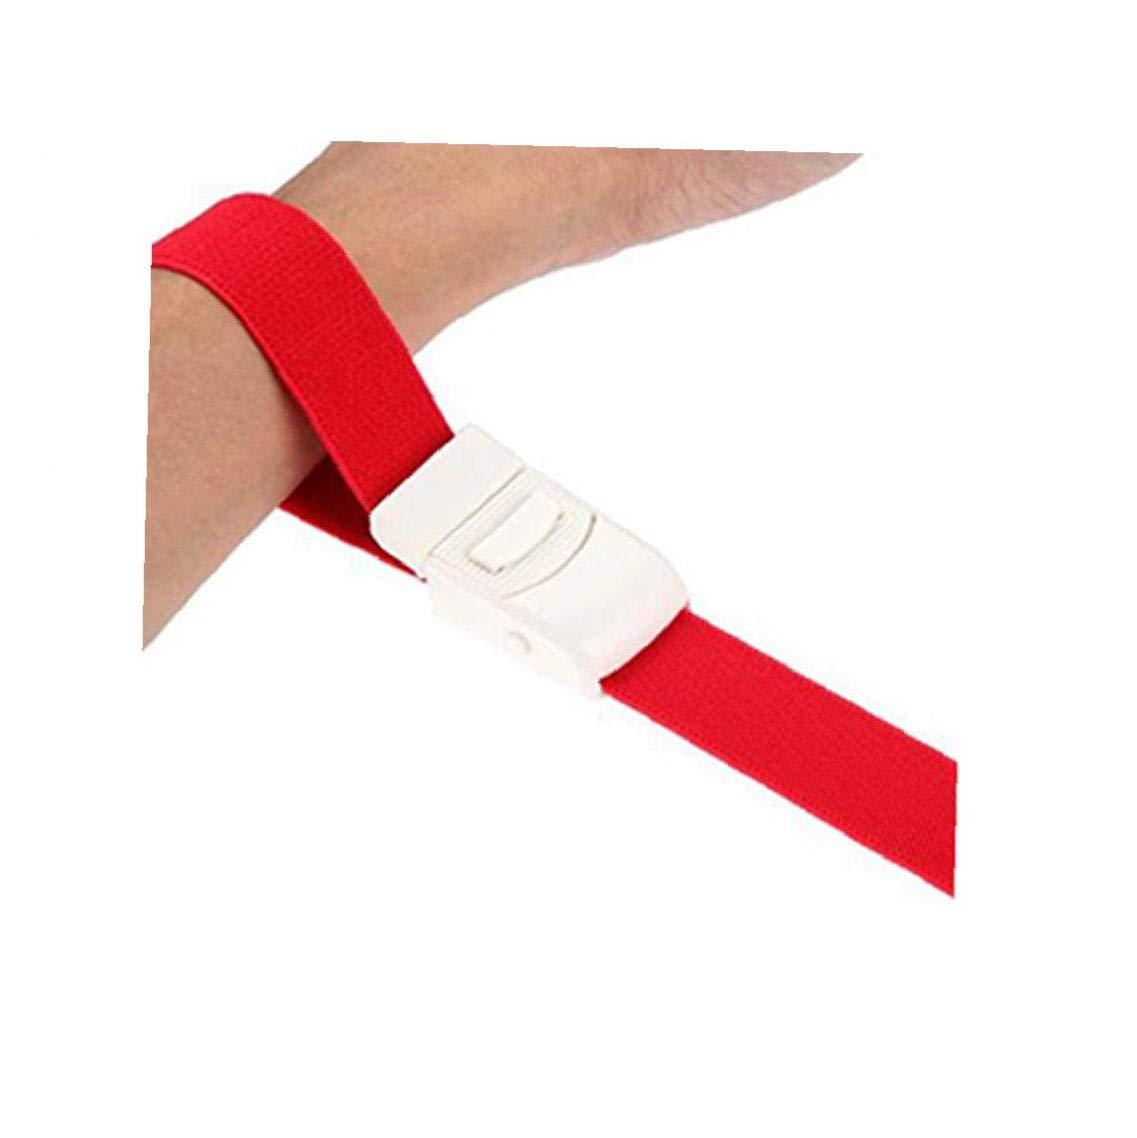 Emergencia al Aire Libre de Primeros Auxilios de Emergencia Cintur/ón Torniquete uno DIO torniquete Reutilizable Ajustable de la Parada de la Correa con Hebilla de Sangre M/édico Rojo